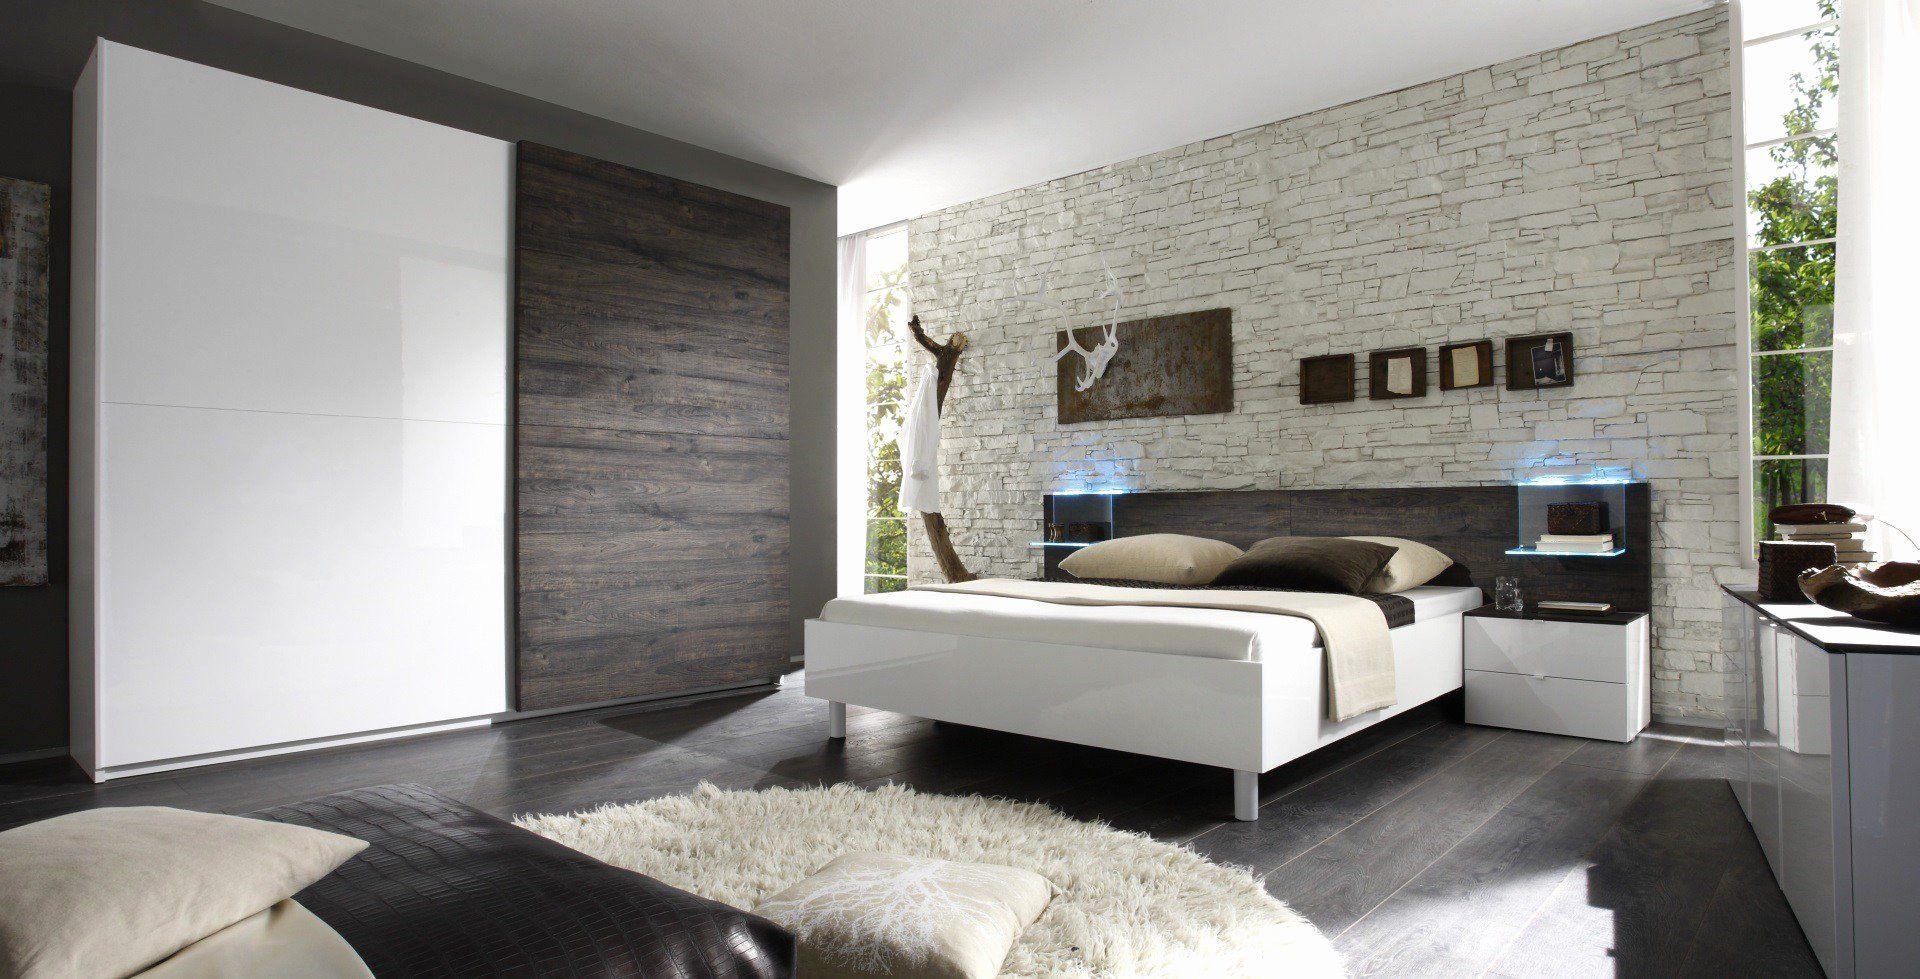 Lit Mezzanine Avec Rangement Unique Lit Mezzanine Pour Adulte Lit Mezzanine Design Lit Mezzanine Design